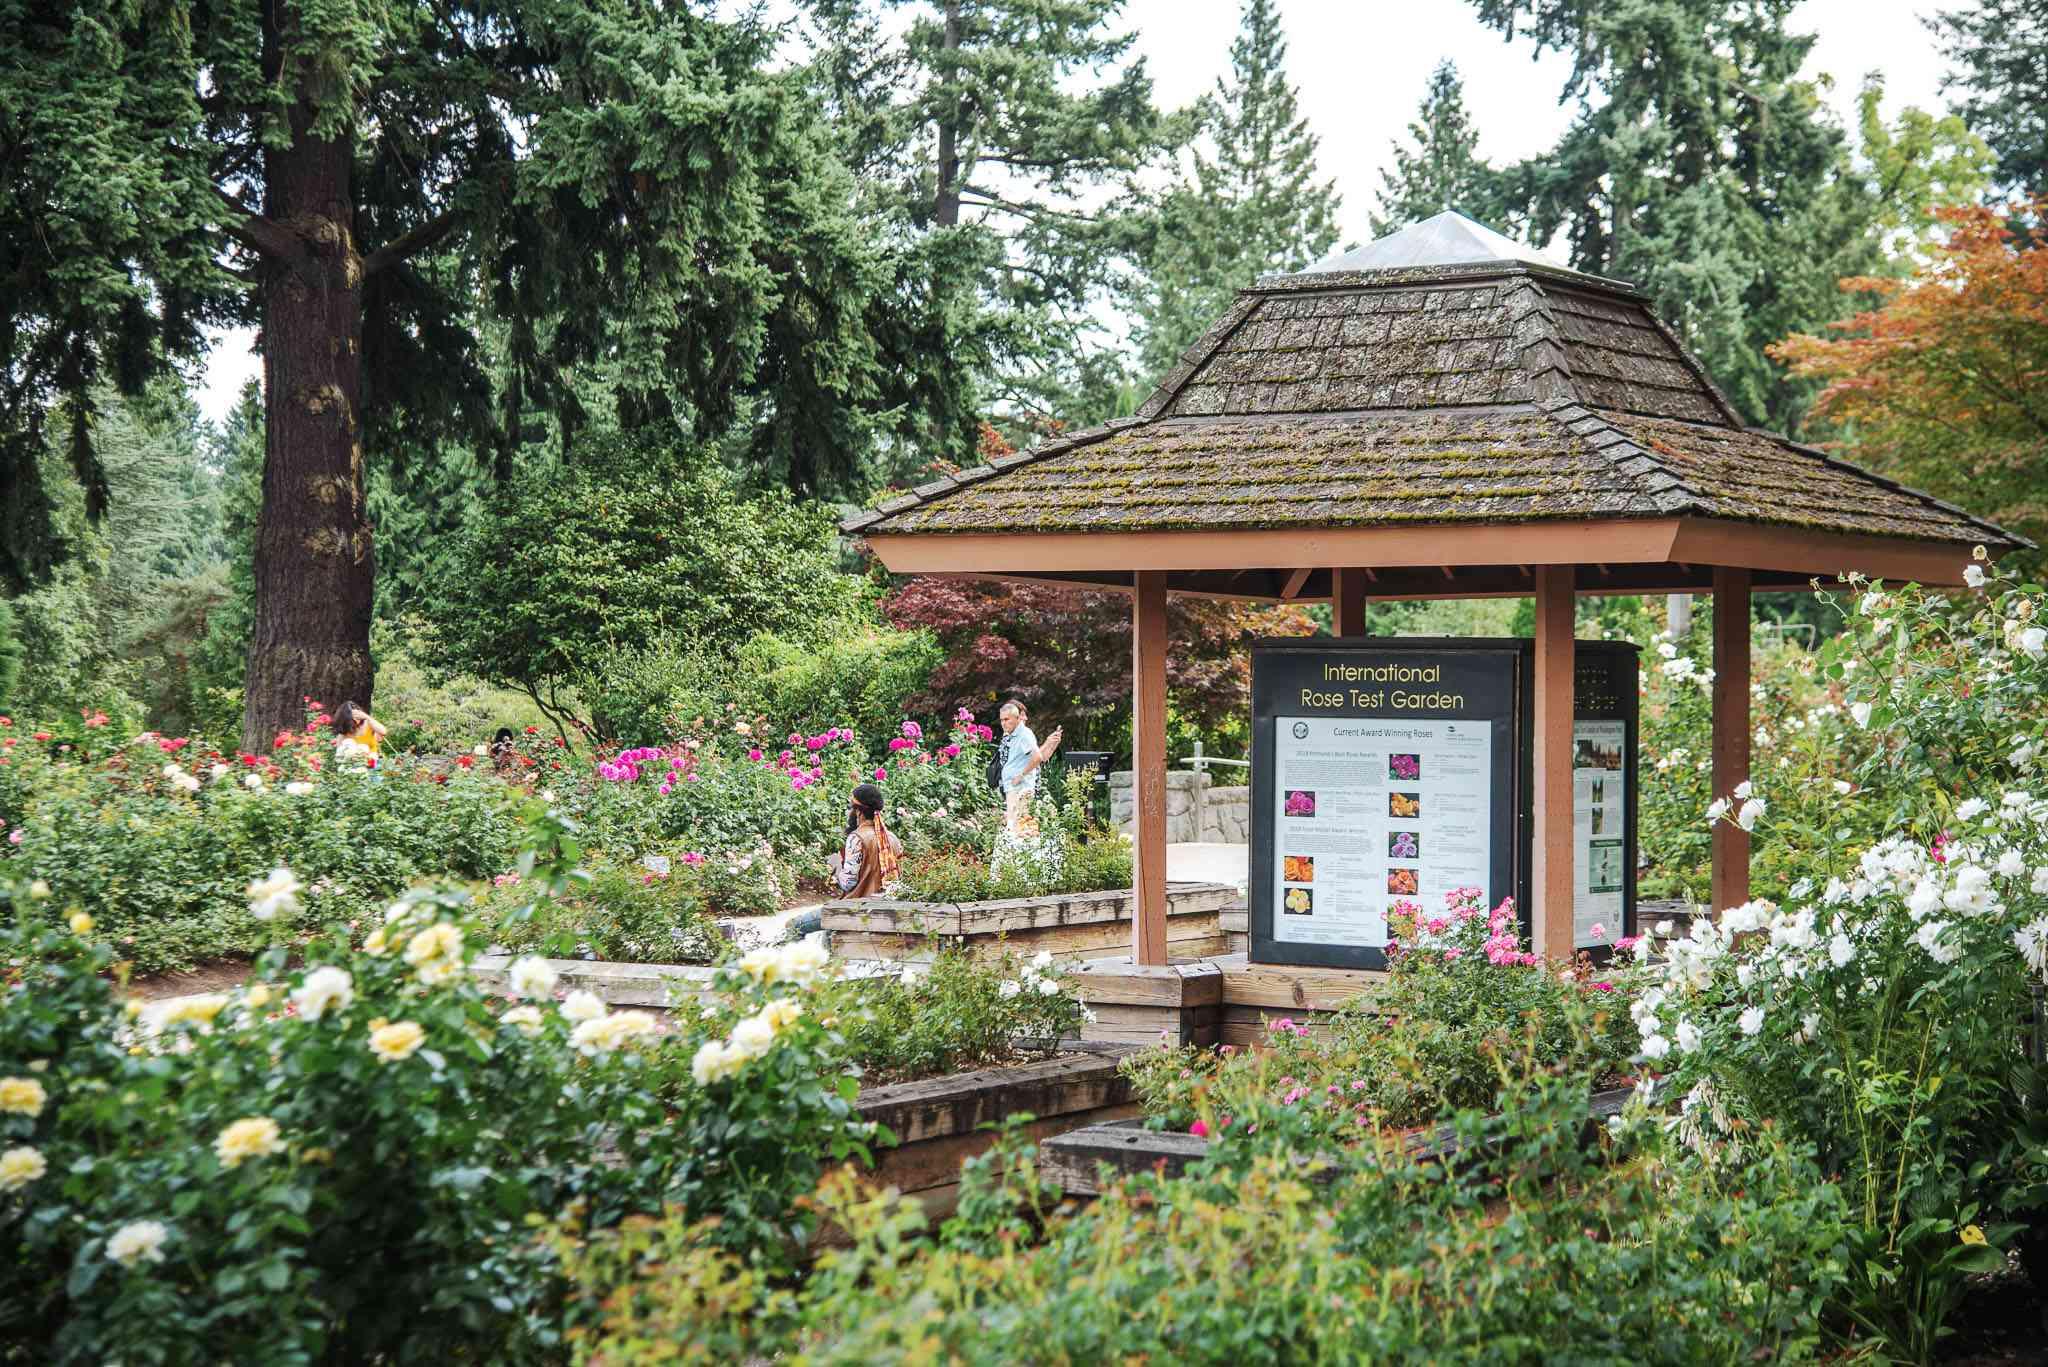 Un quiosco de información entre diferentes jardines de rosas